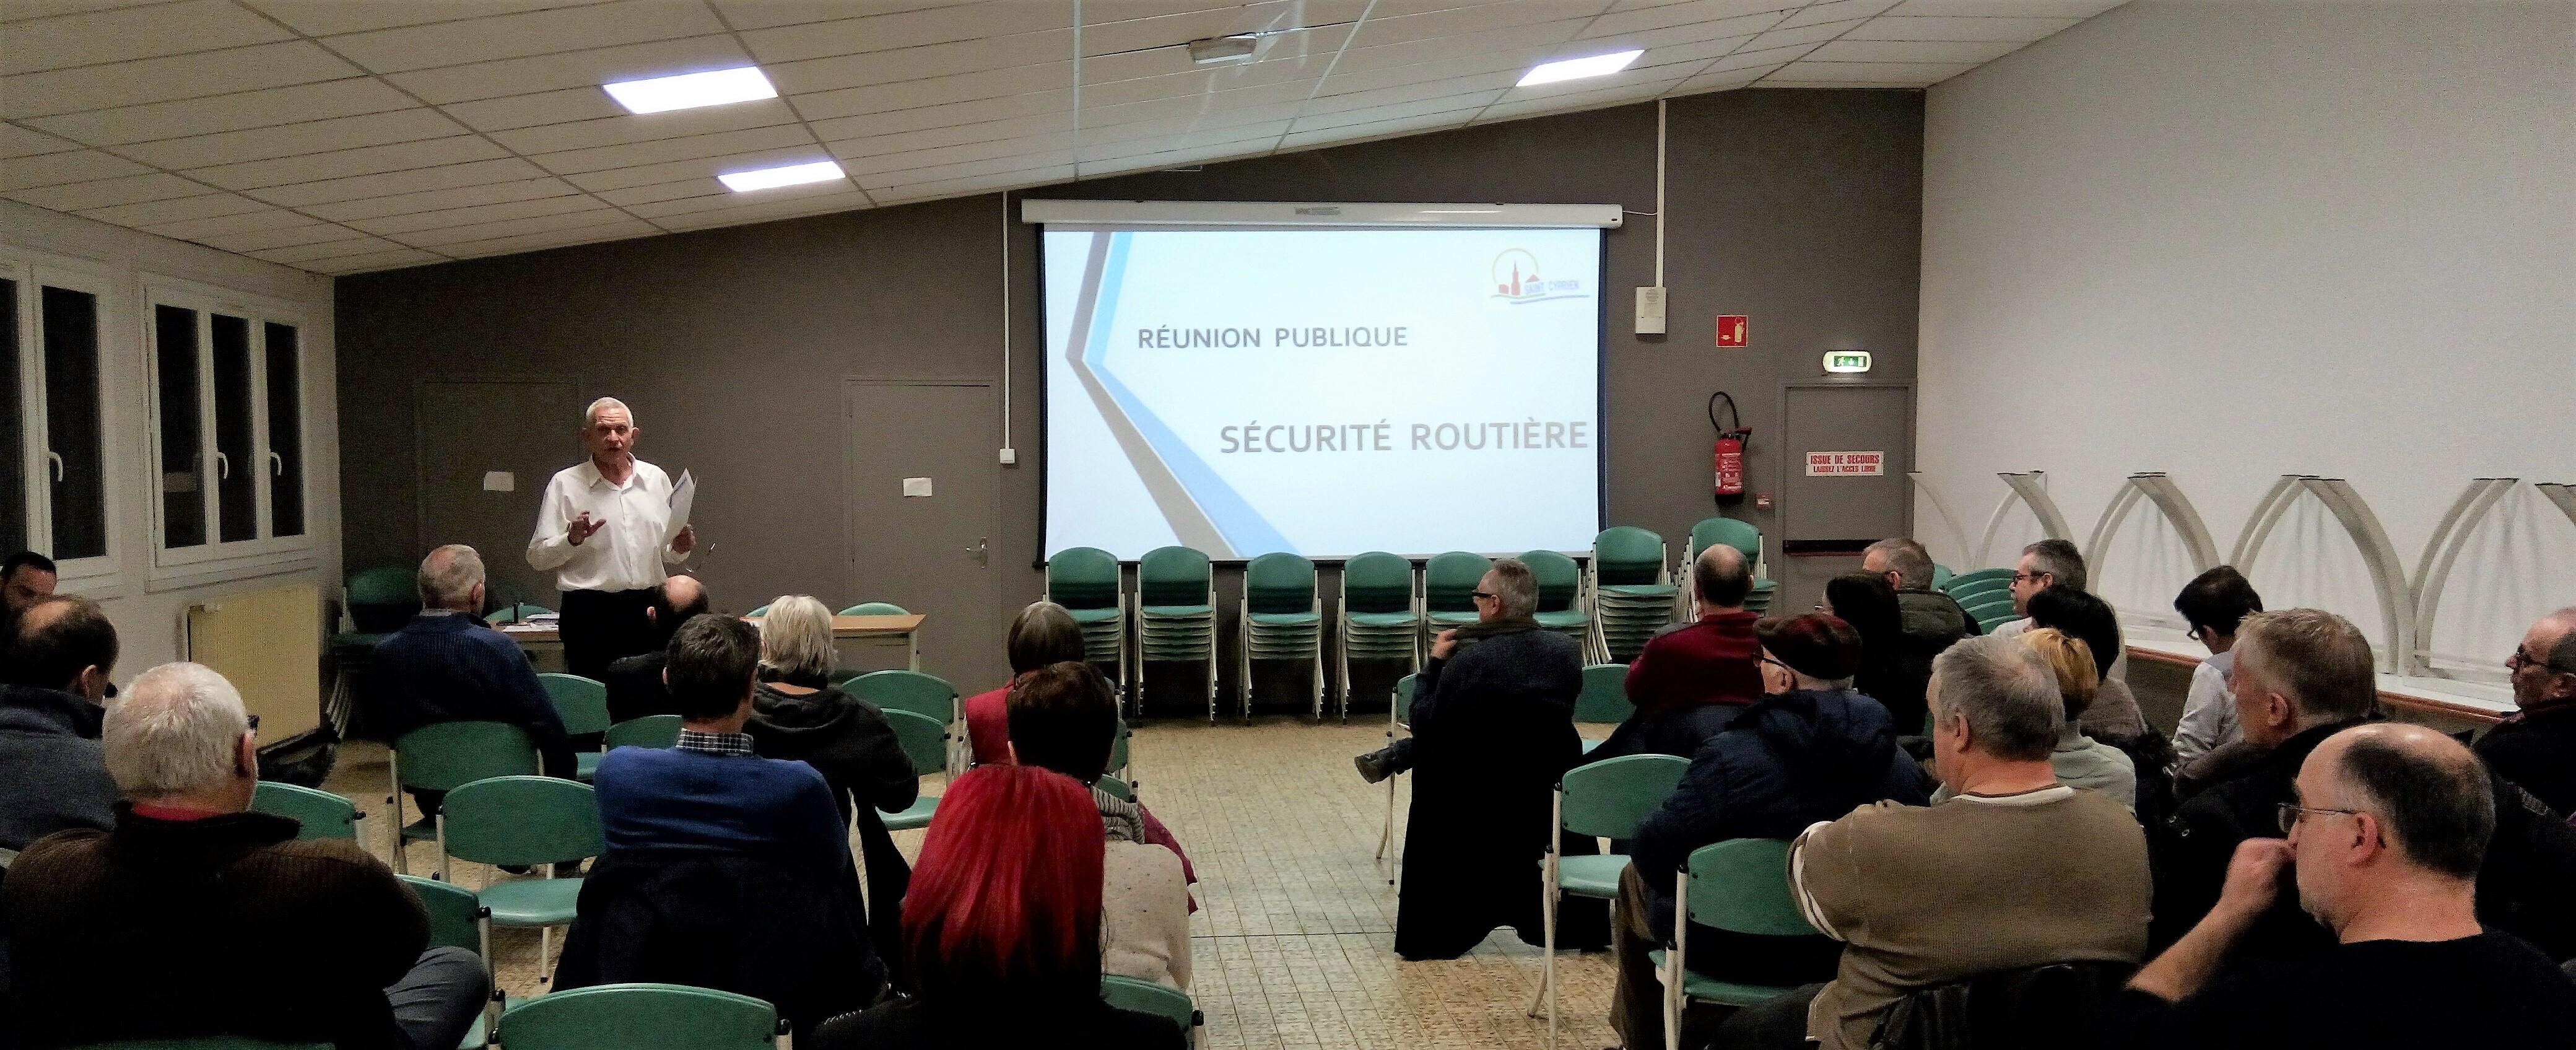 réunion publique (2)